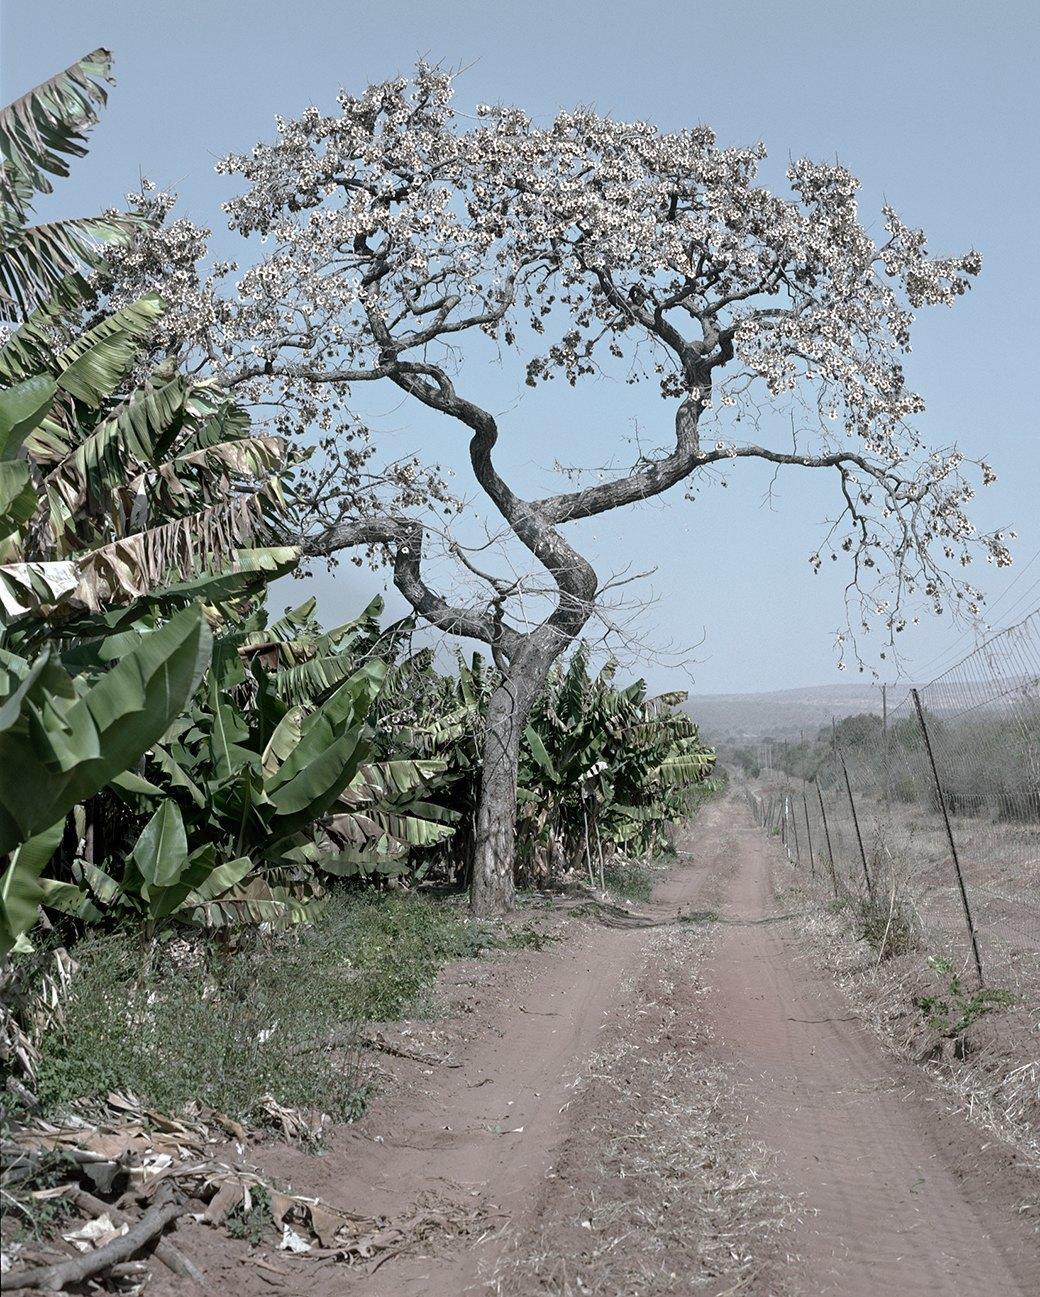 «Местность»: Обезличенный труд африканских крестьян. Изображение № 6.